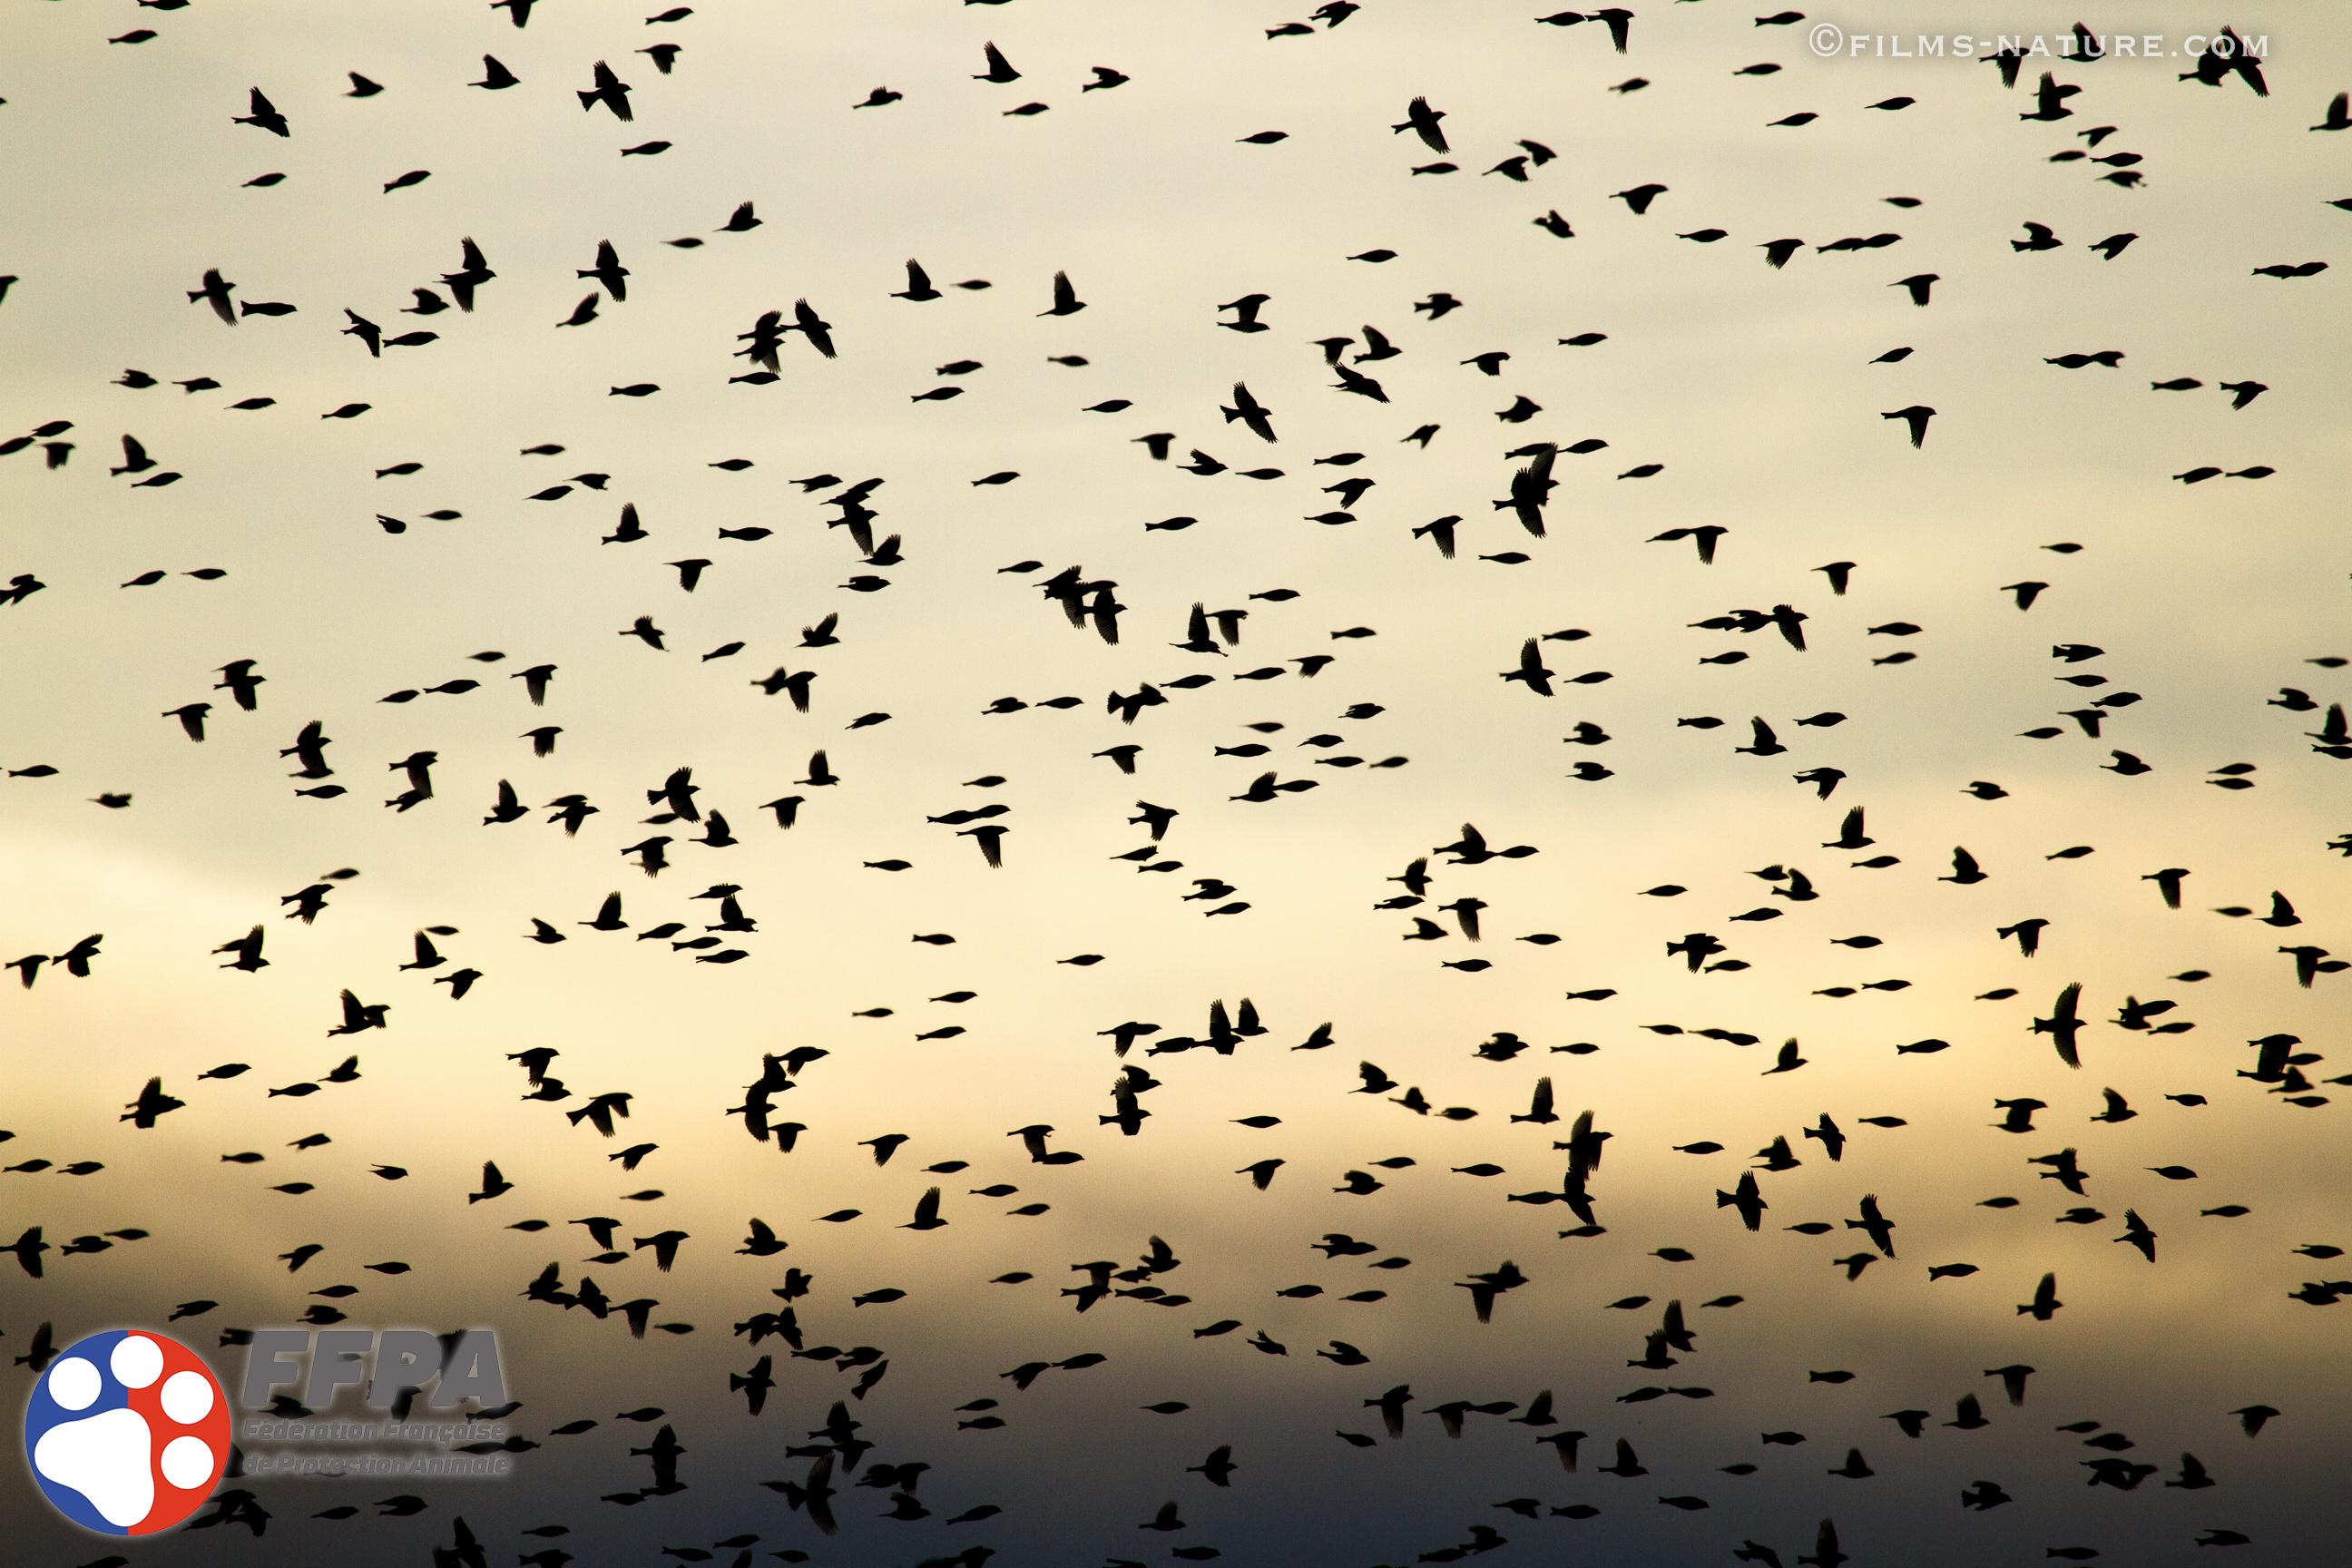 FFPAnimale Oiseaux Migration Copyright